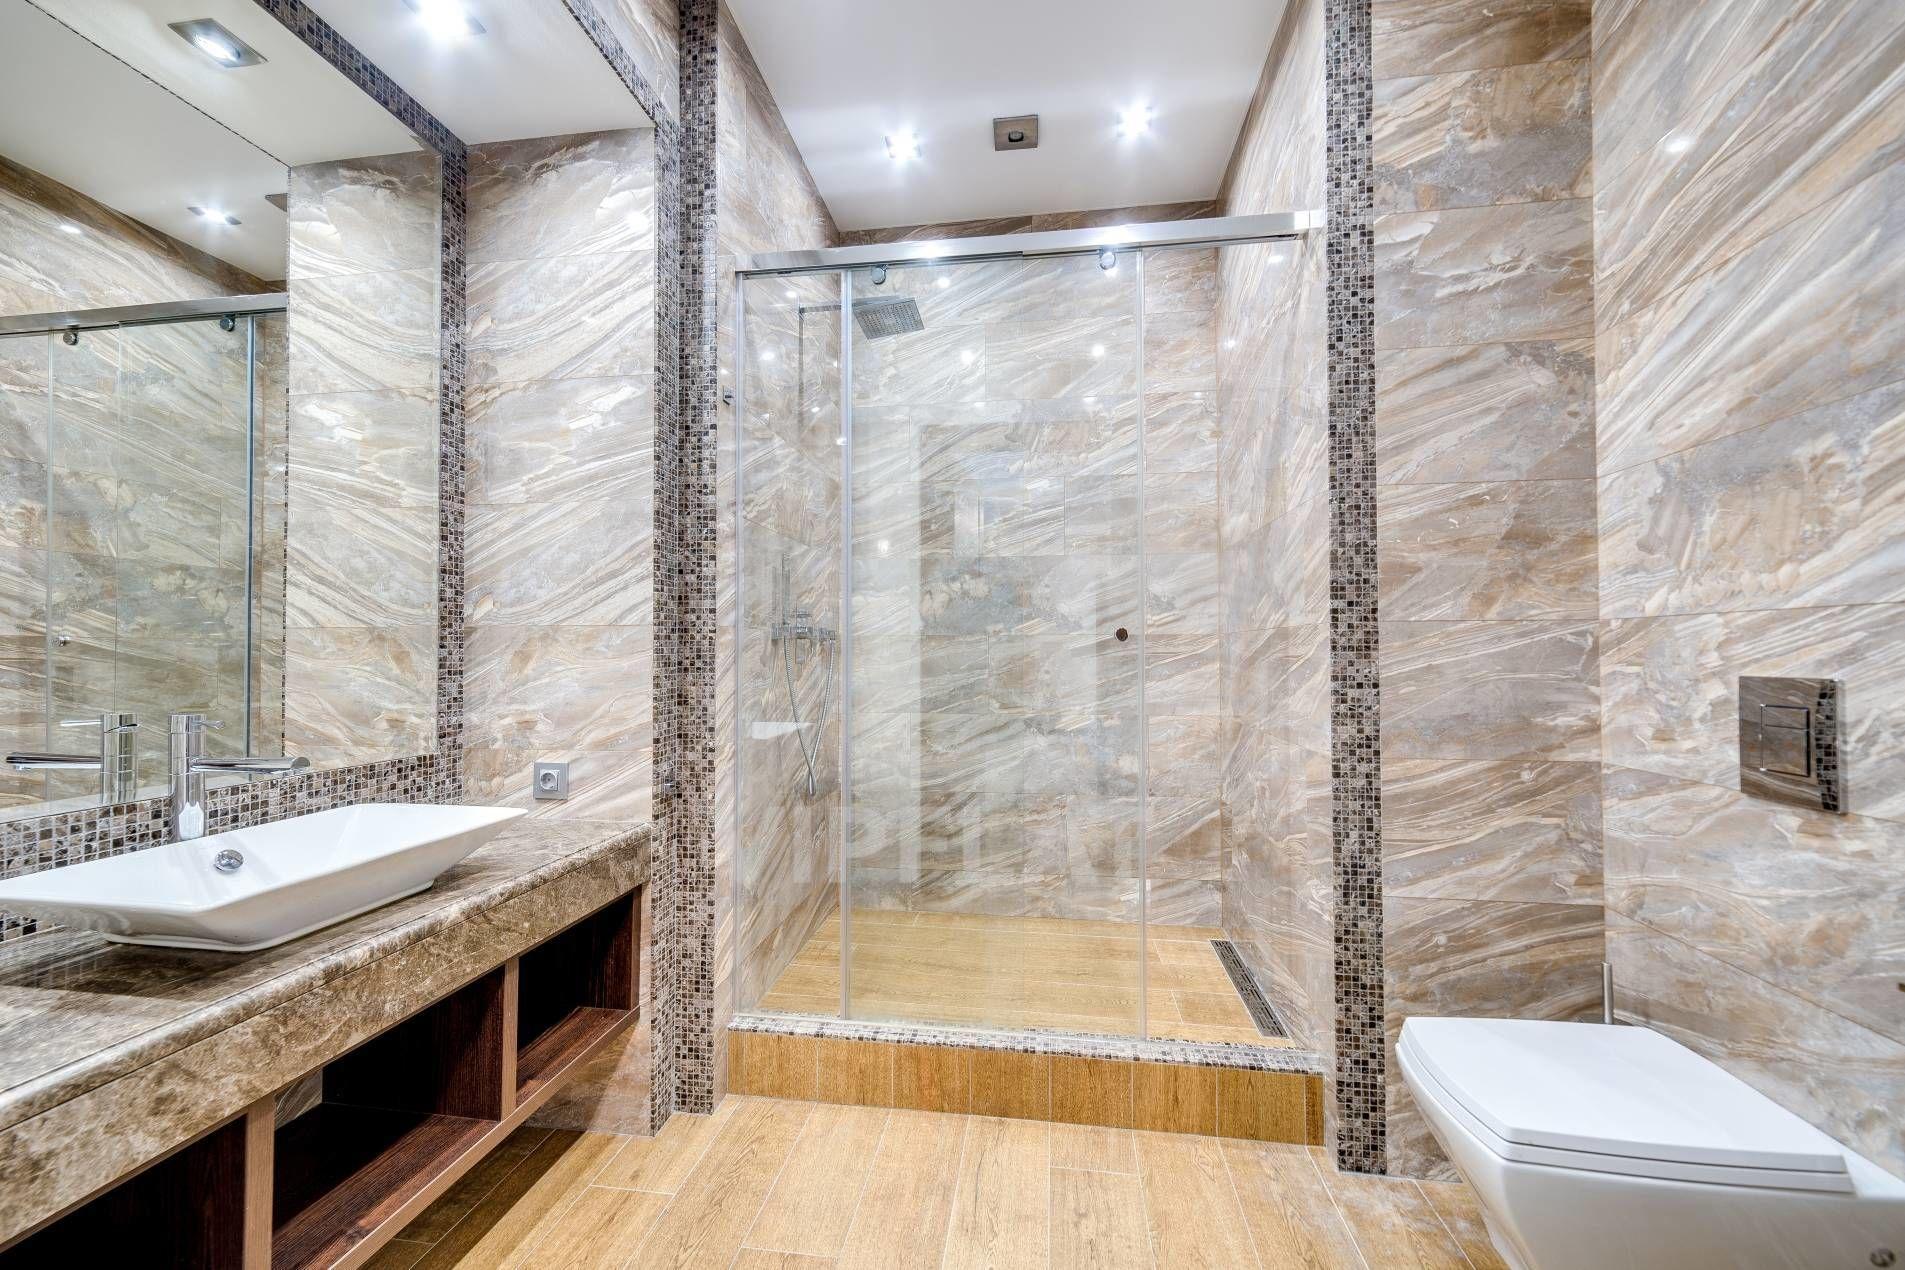 Продажа элитных квартир Санкт-Петербурга. Кирочная улица, 64 Дизайн ванной комнаты